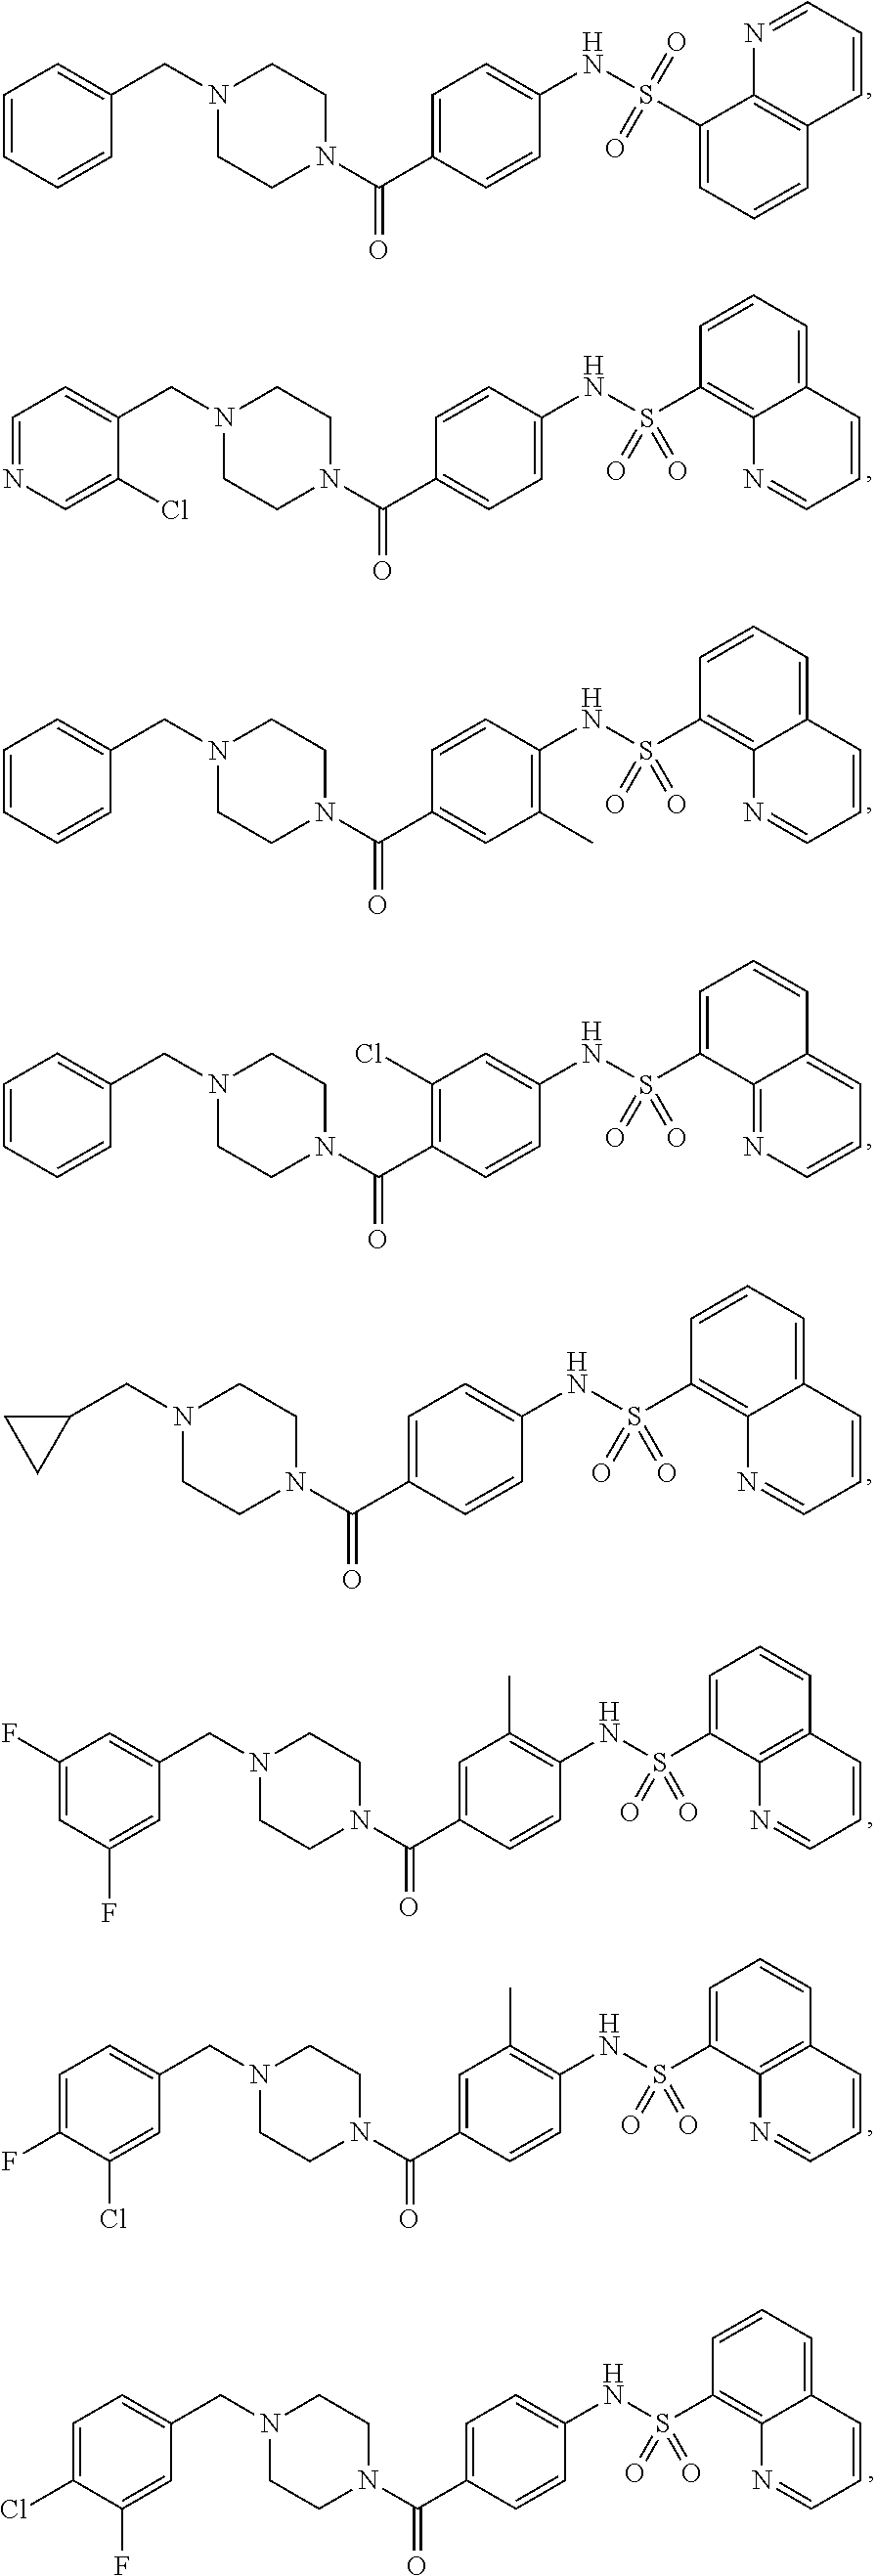 Figure US09980961-20180529-C00021